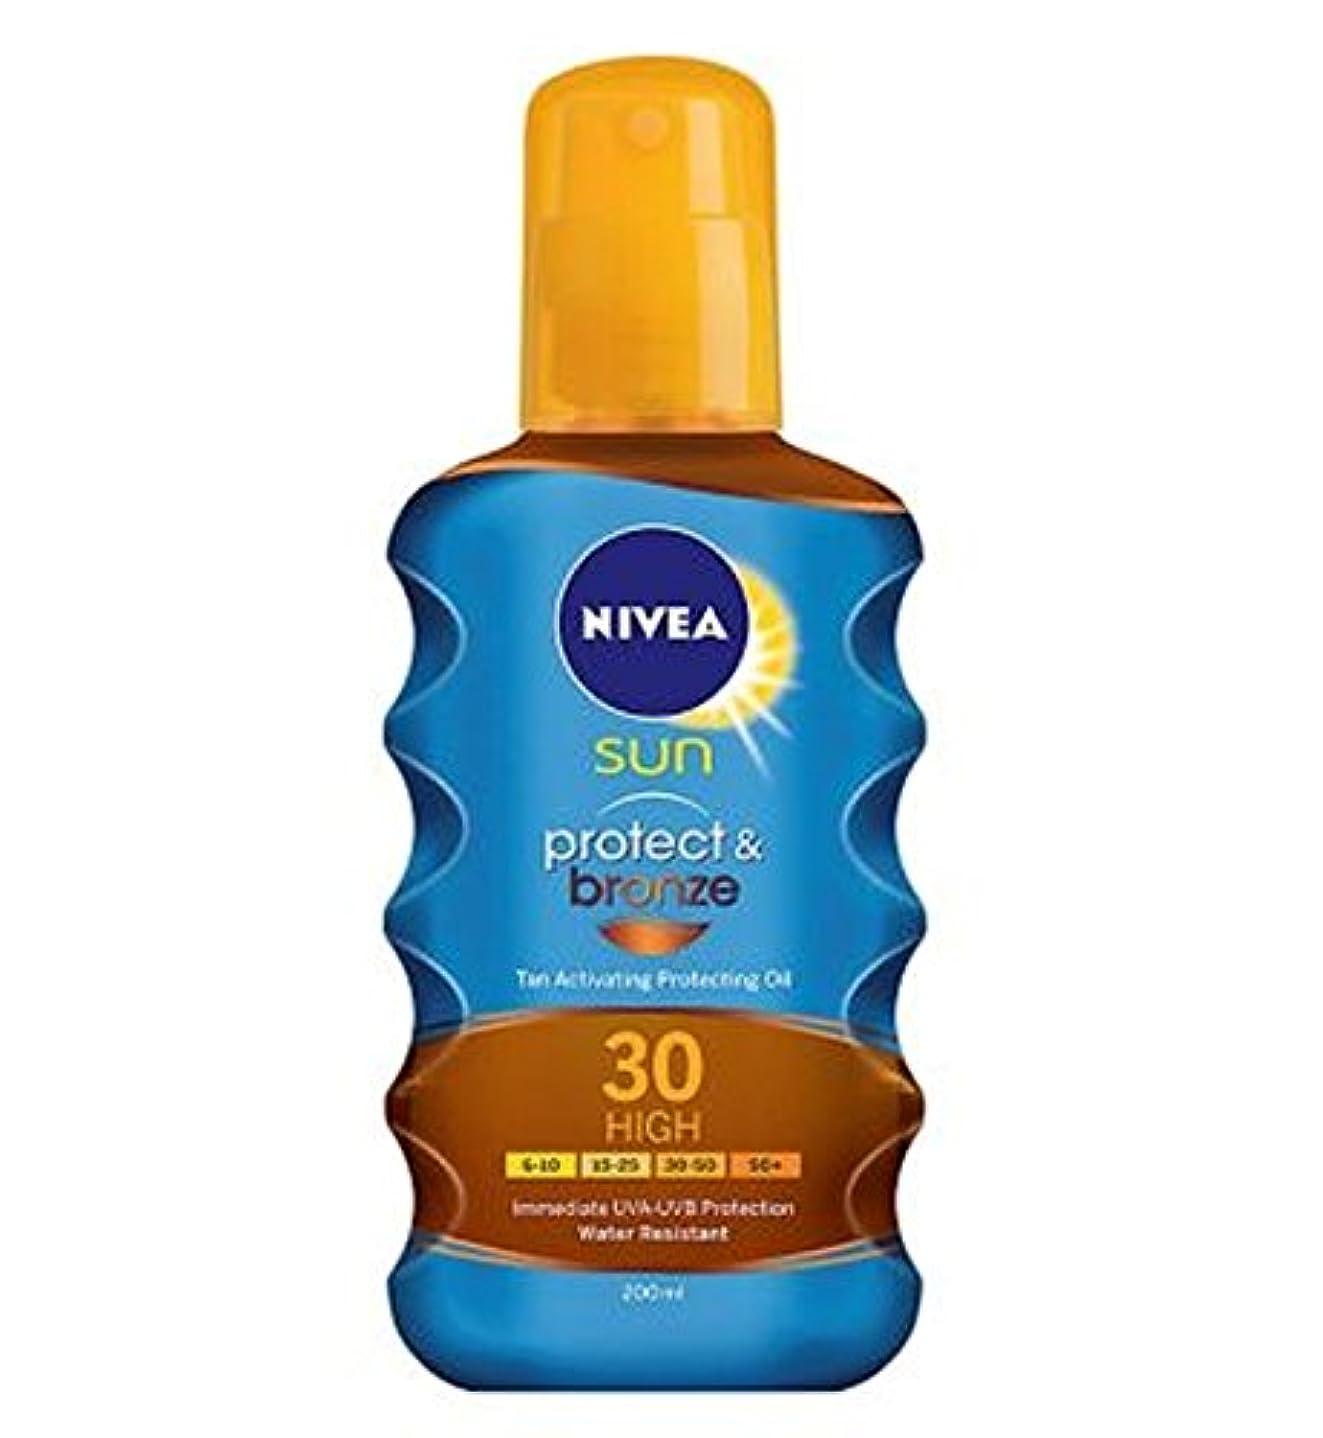 見捨てられた導体デコレーションNivea Sun protect and bronze tan activating protecting oil spf 30 200ml - ニベアの日は、保護し、オイルSpf 30 200ミリリットルを保護ブロンズ...